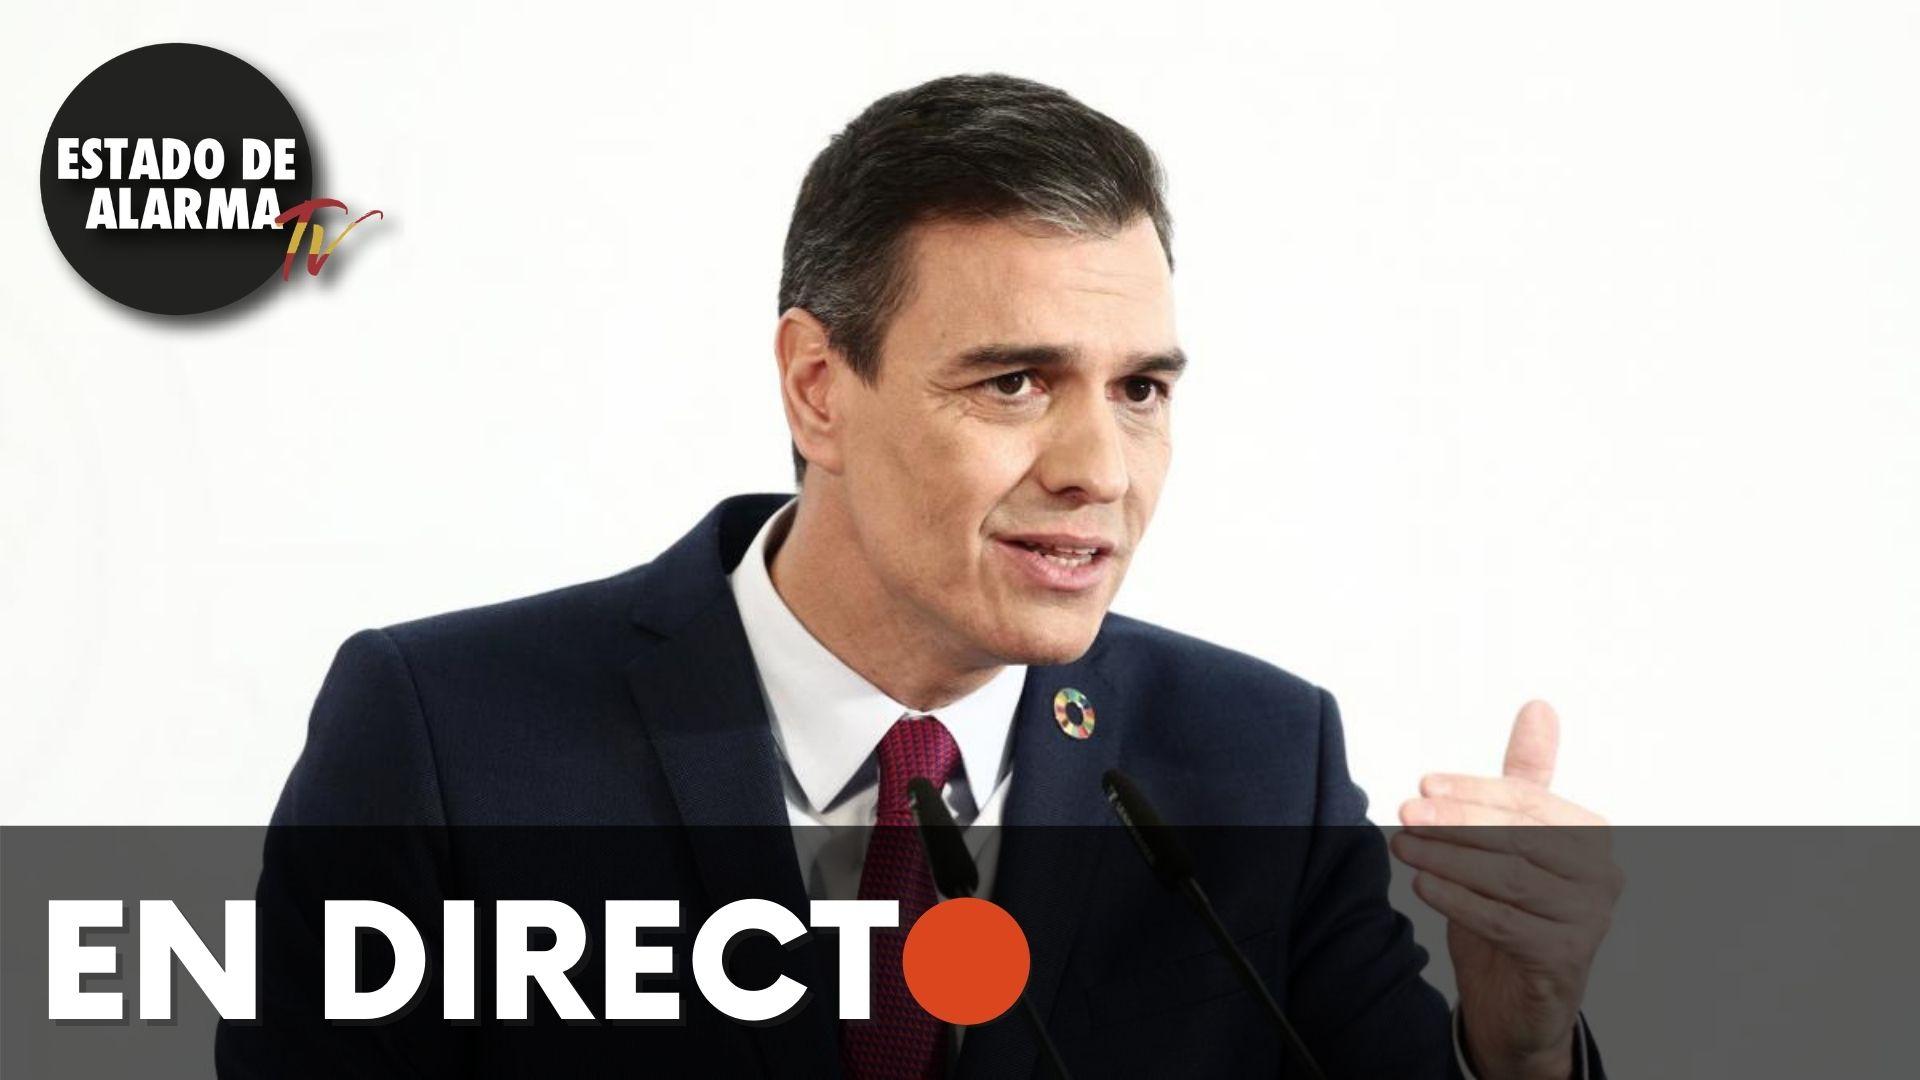 EN DIRECTO | Pedro Sánchez presenta en Zaragoza el Plan de Recuperación, Transformación y Resiliencia